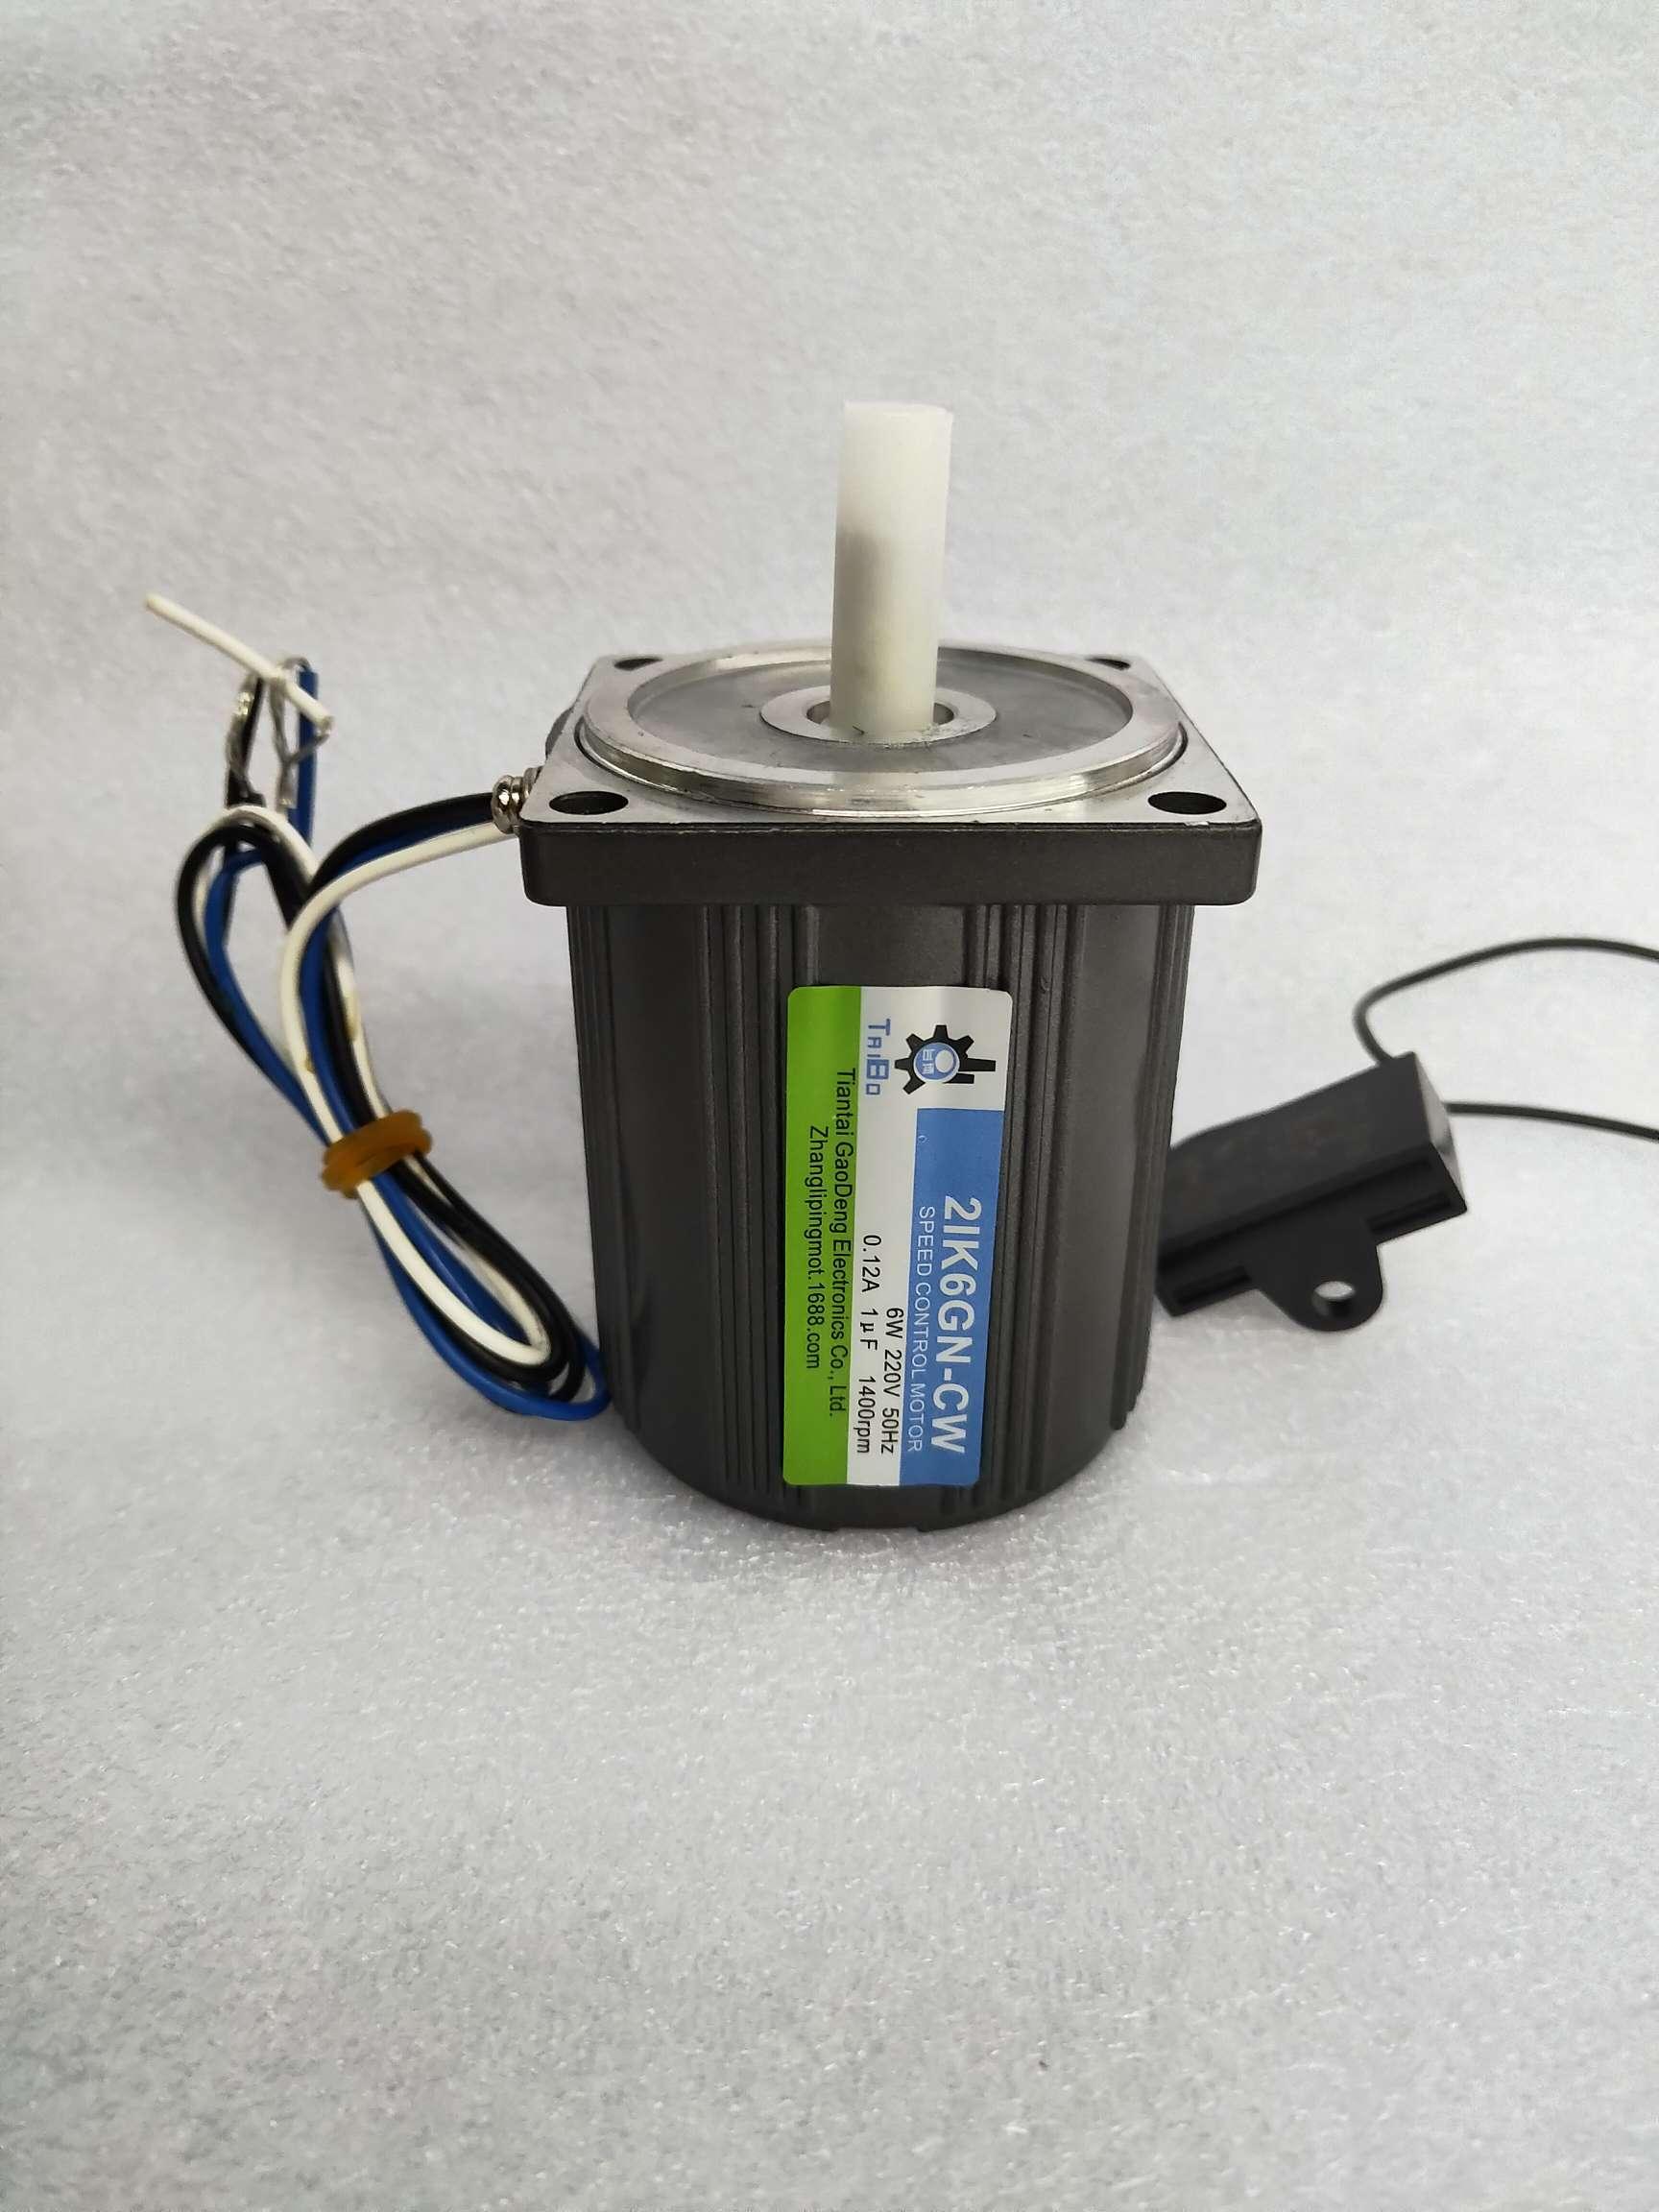 定速6W光轴电机小电机